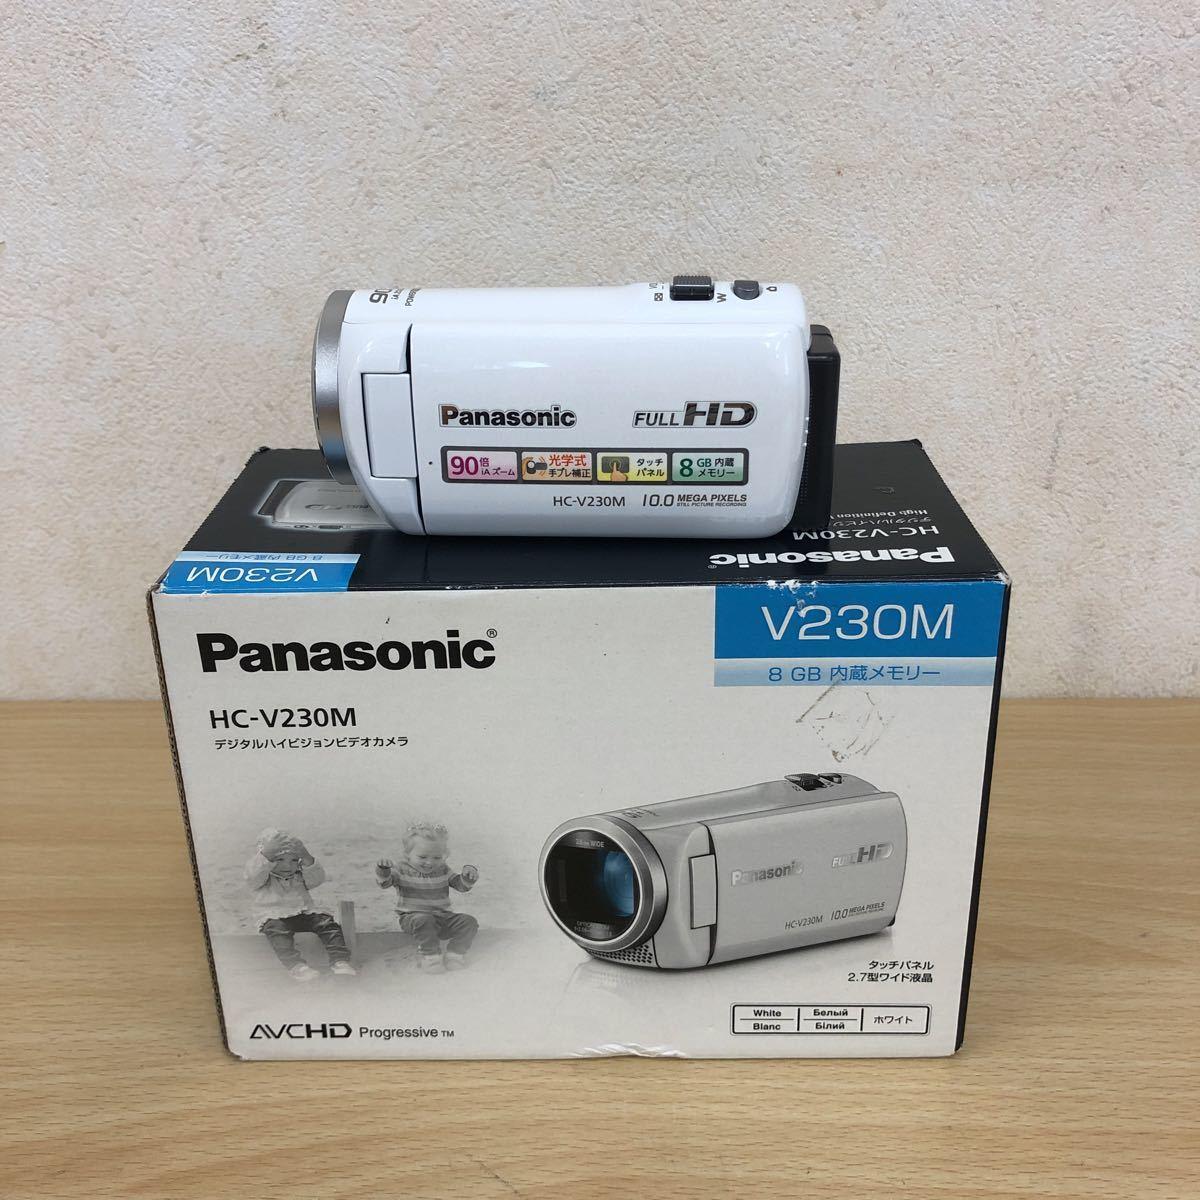 1円~ 展示品 Panasonic HC-V230M ビデオカメラ 14年製 パナソニック ホワイト デジタル